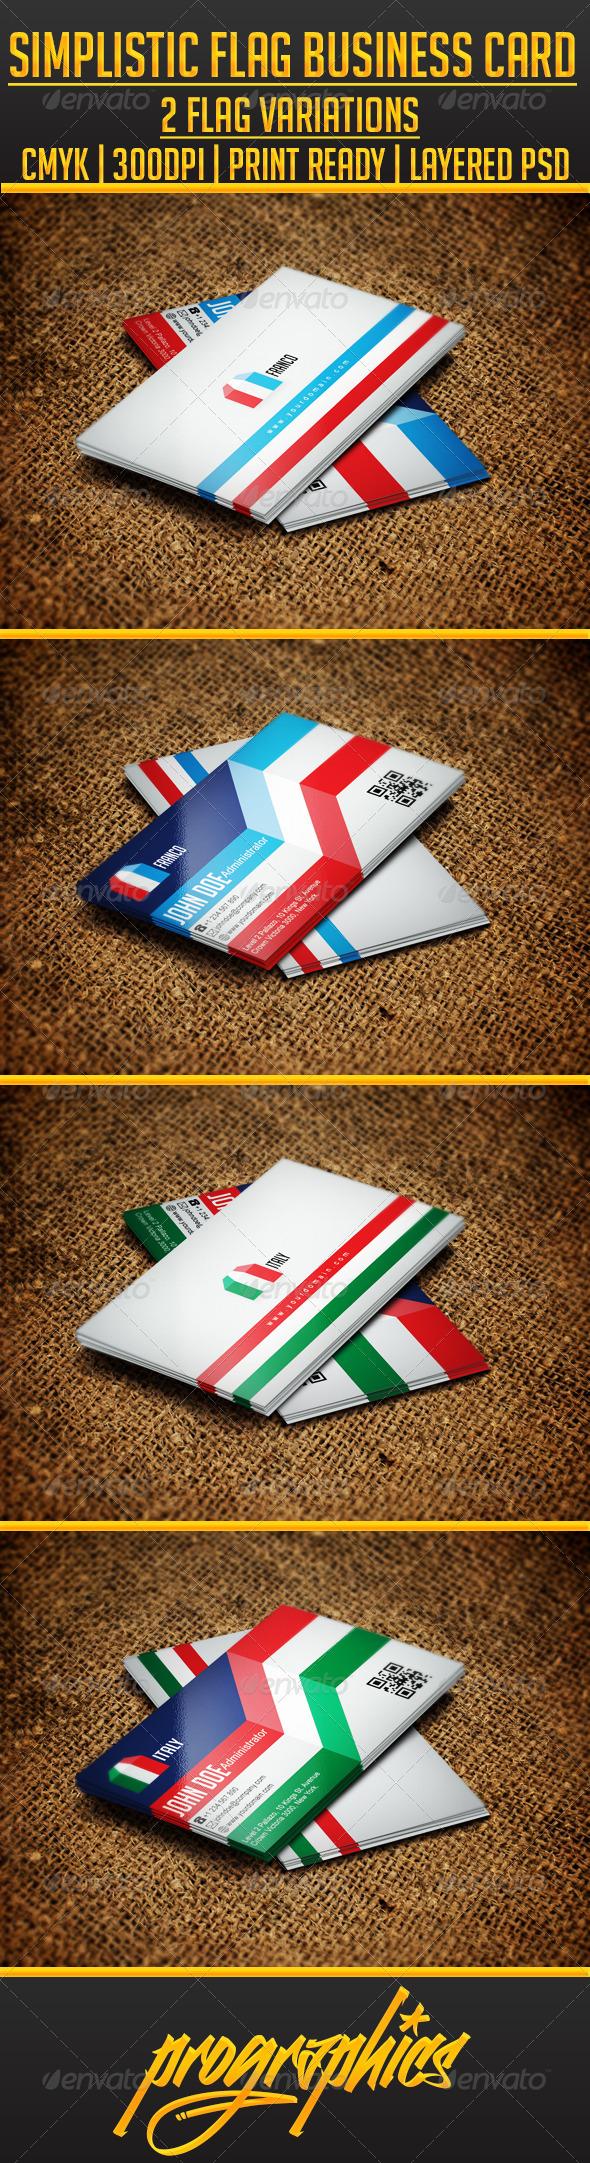 GraphicRiver Simplistic Flag Business Card 3352717